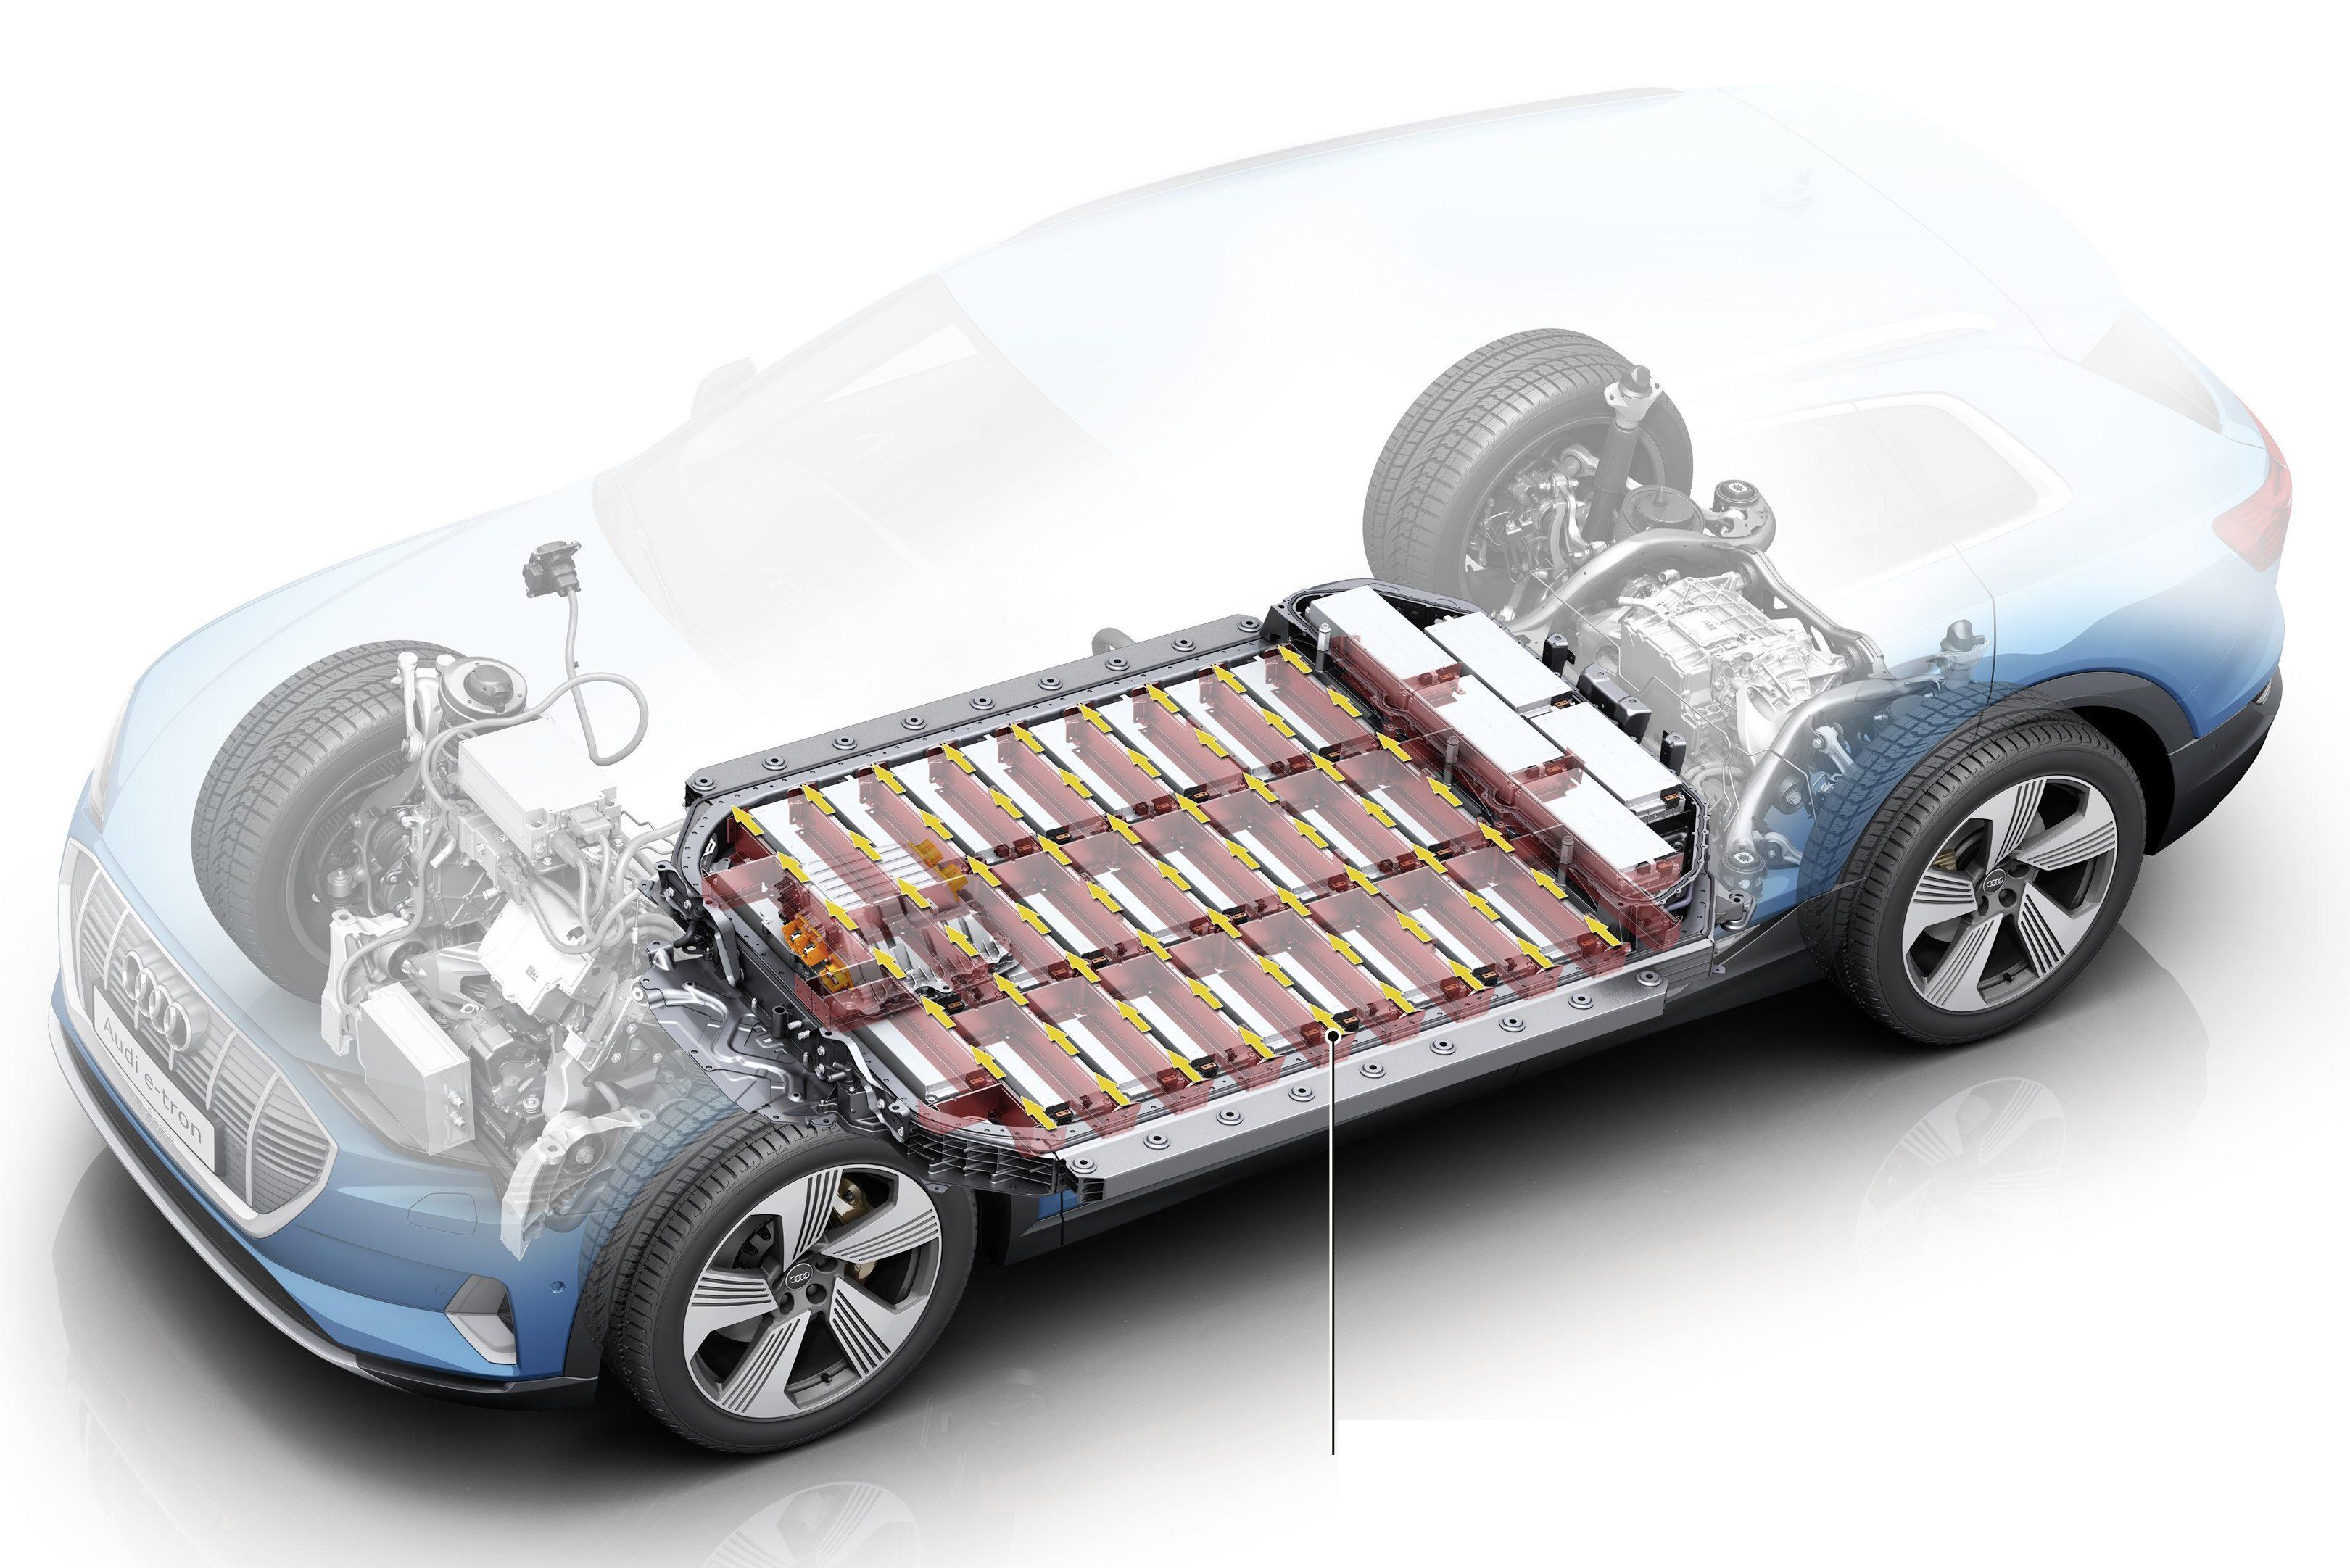 Baterias são a alma, mas também o grande gargalo do carro elétrico